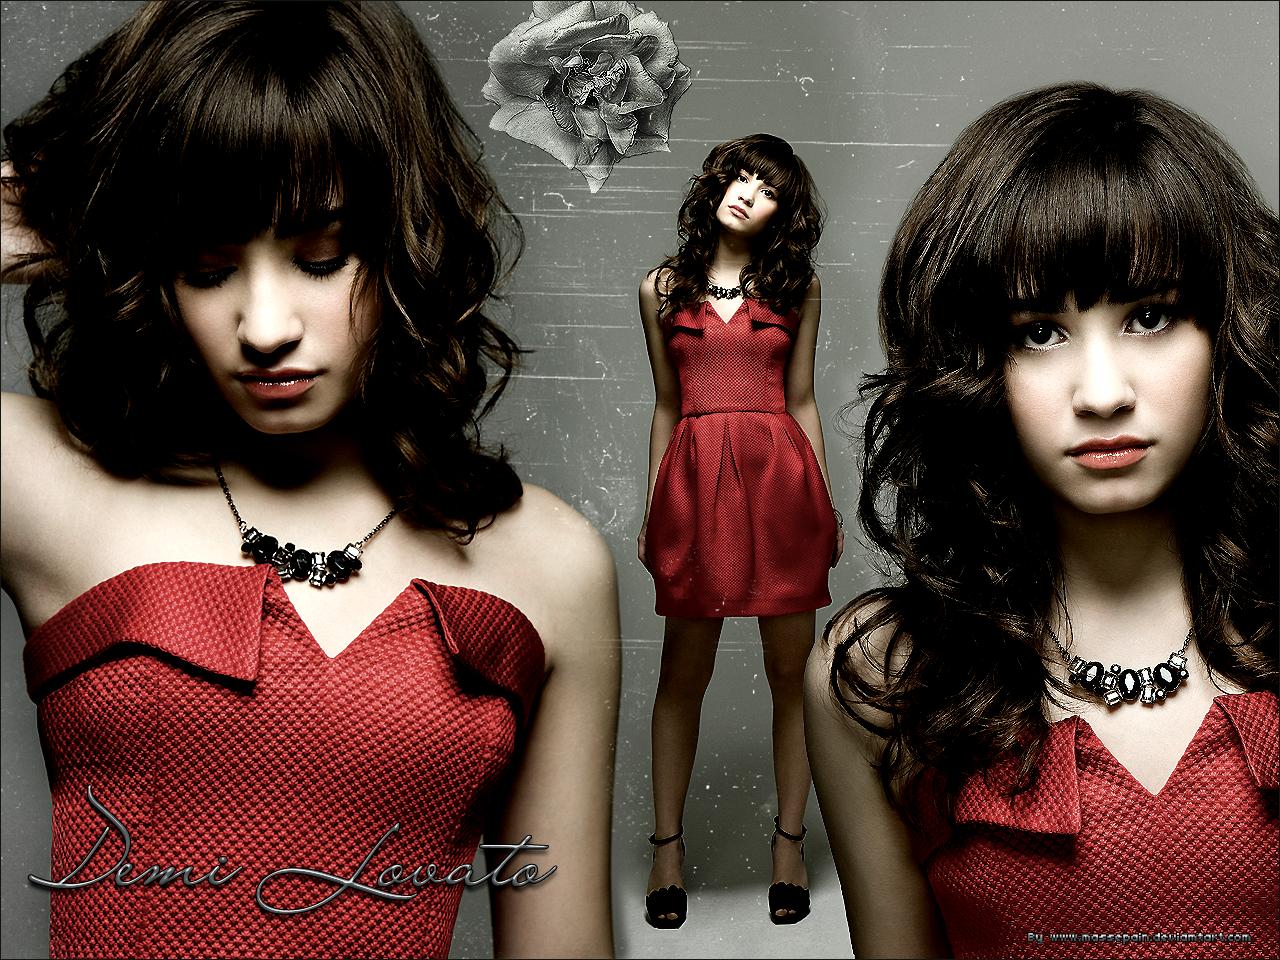 http://2.bp.blogspot.com/-a4t3-mVcP5U/TbHDgbgGbMI/AAAAAAAADMs/1MVRaSbiMRA/s1600/Demi-Lovato-8.jpg